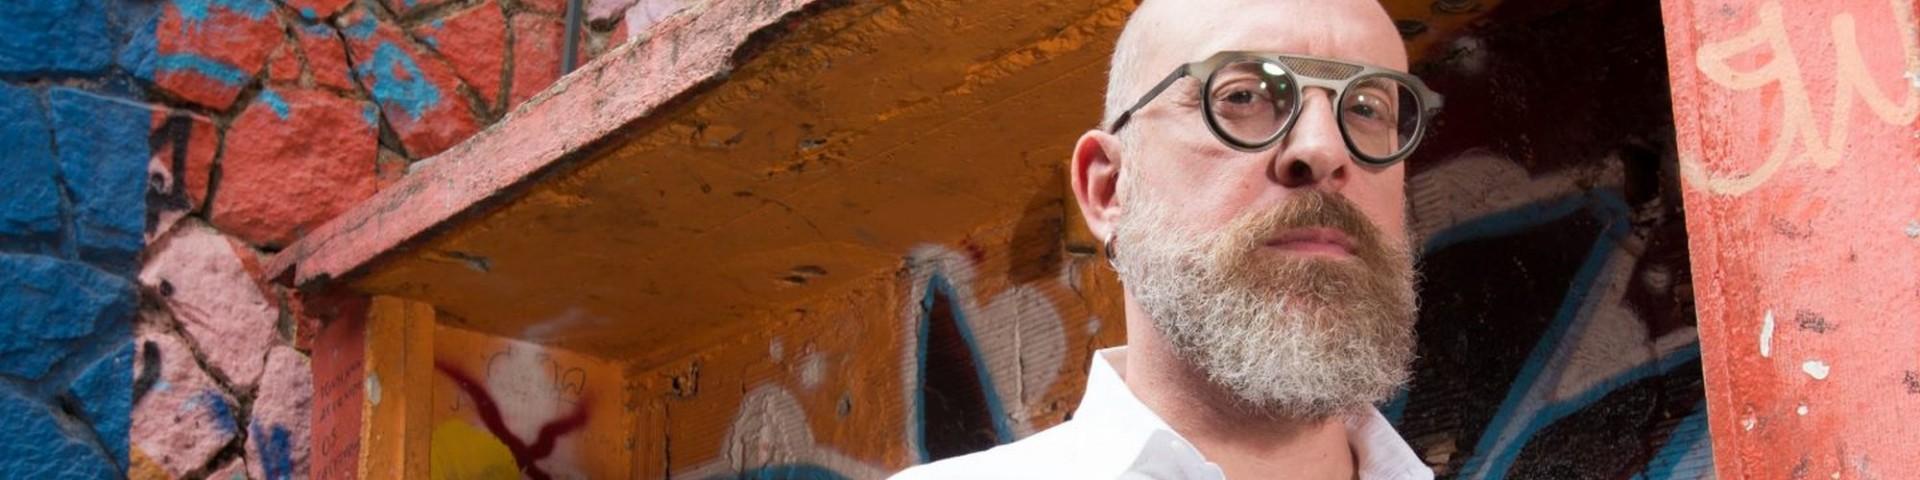 Mario Biondi in concerto a Noci – 22 agosto: come arrivare, biglietti, scaletta e ospiti